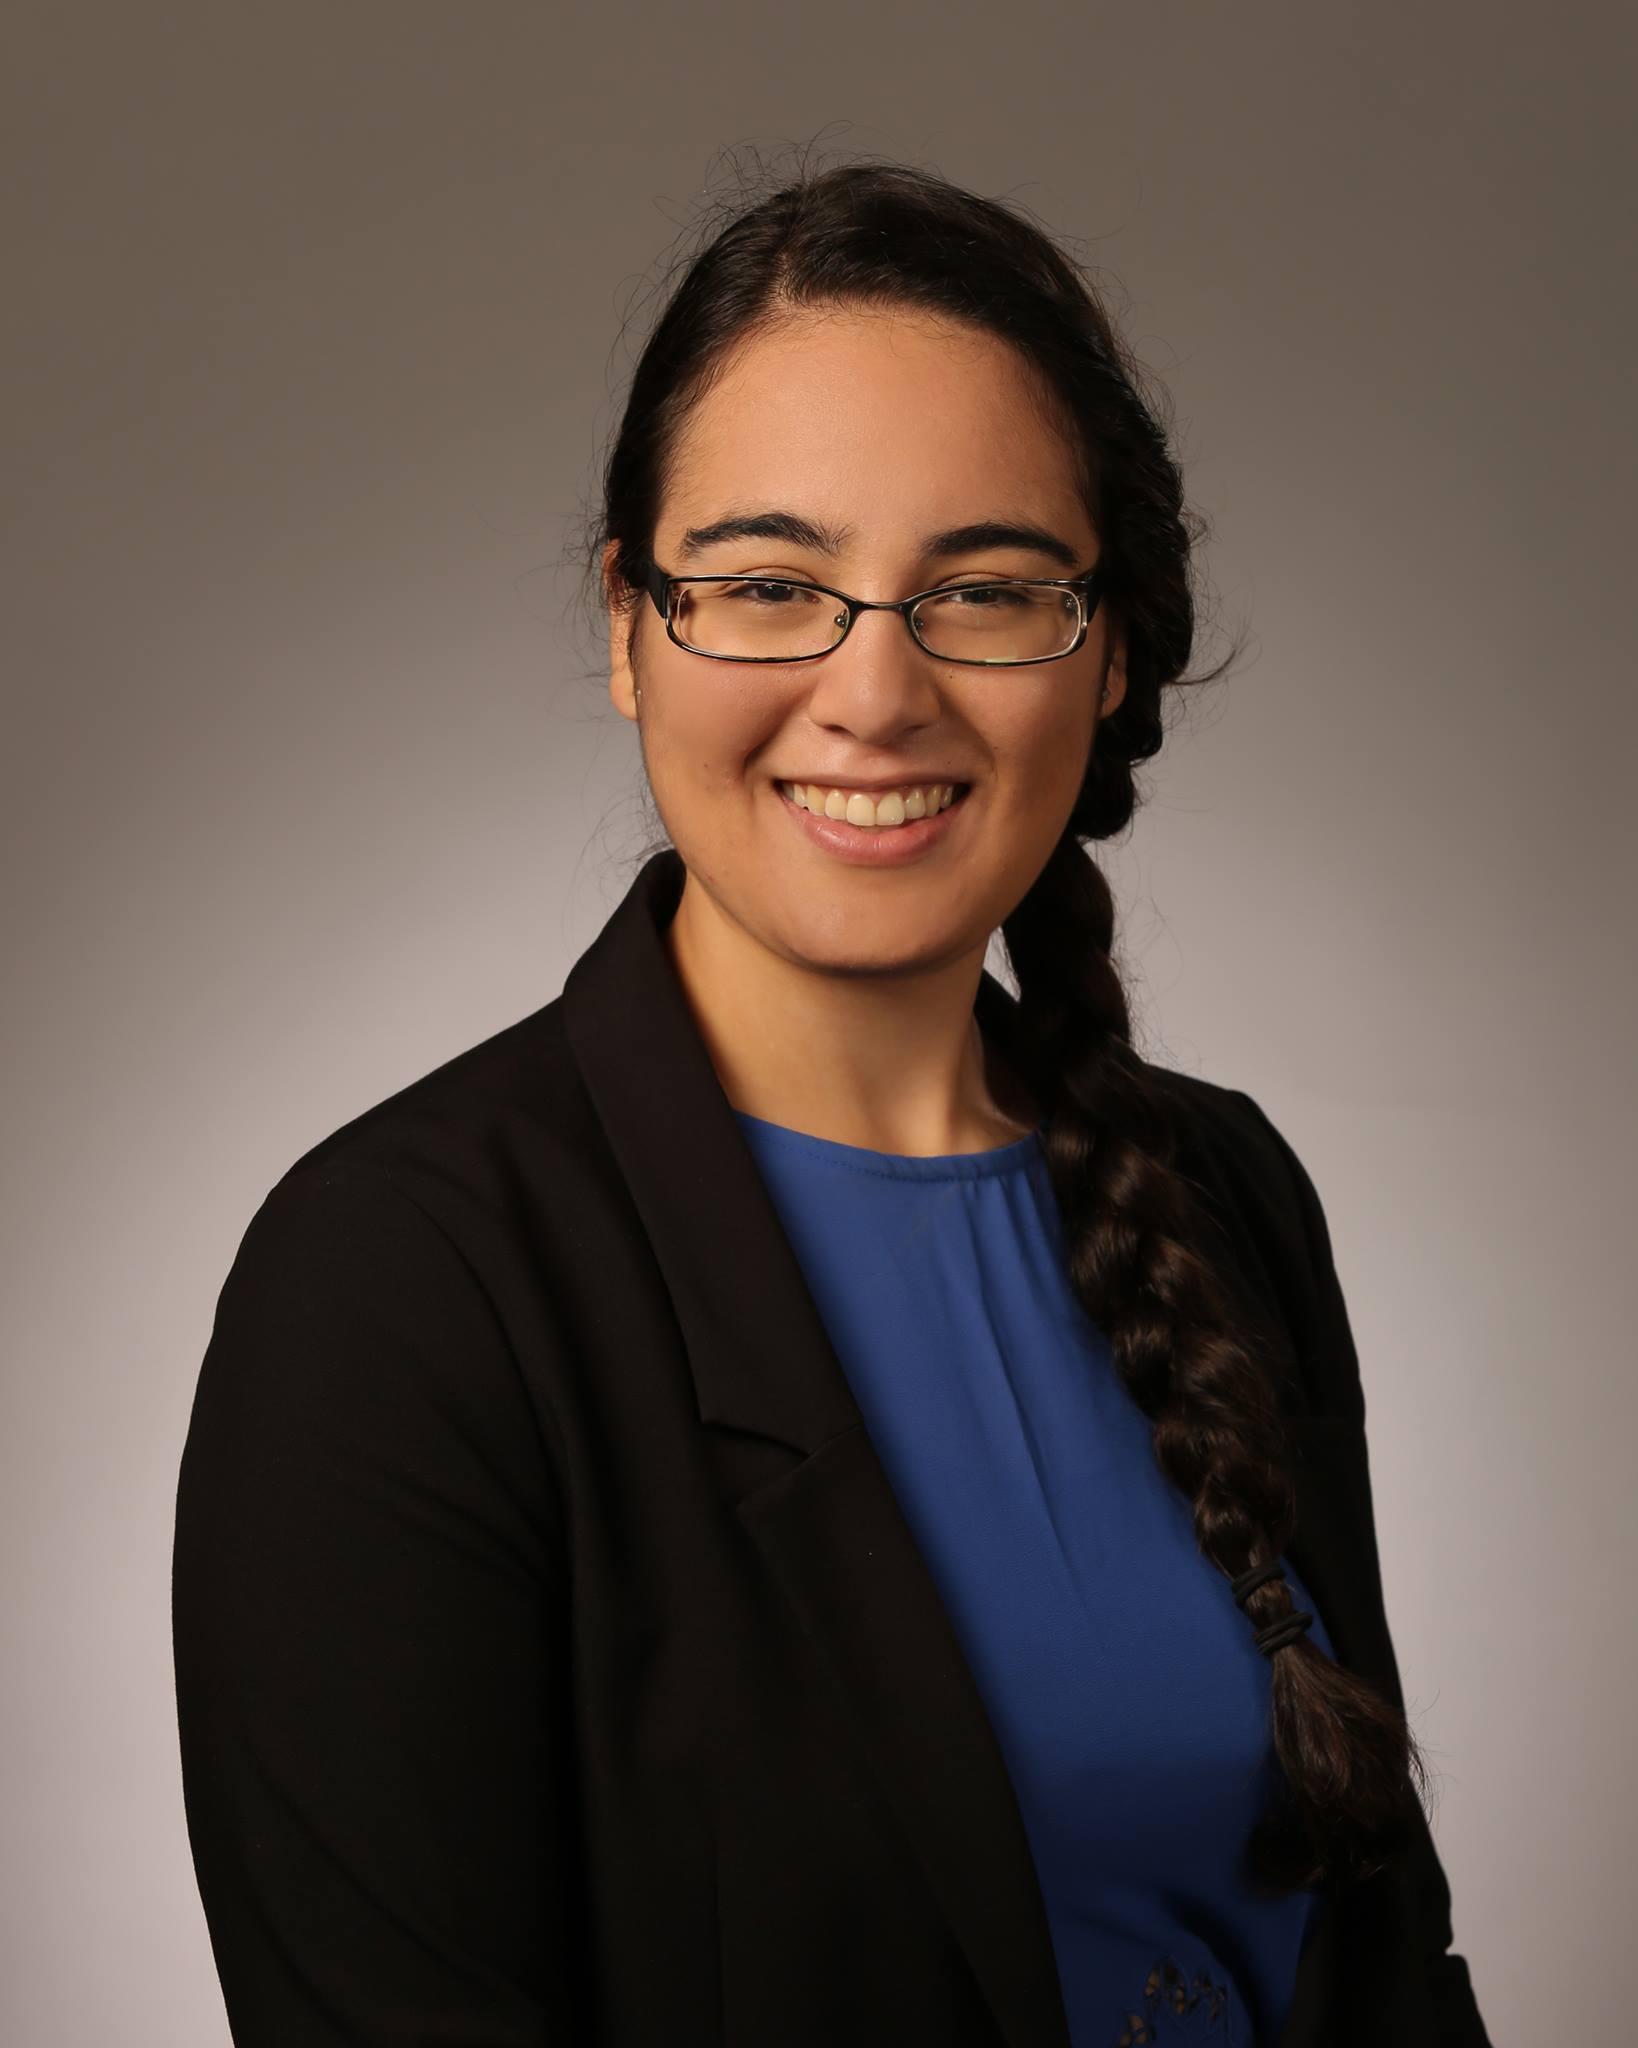 Chérine Zaïm, MD